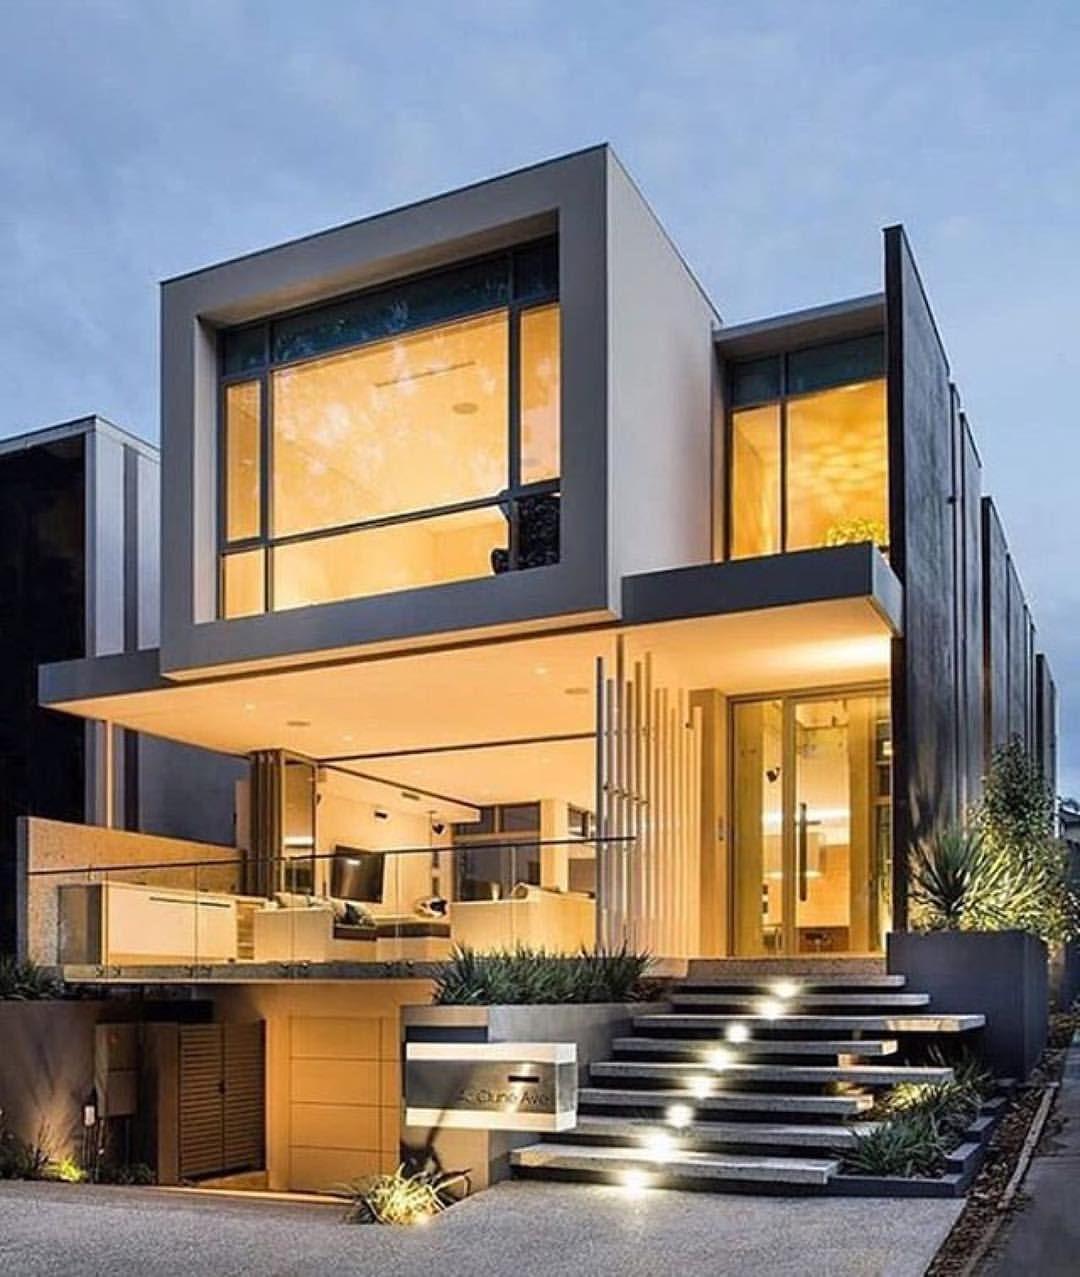 Design Ideas For Exteriorhouse Lighting: 273 Curtidas, 1 Coment Rios